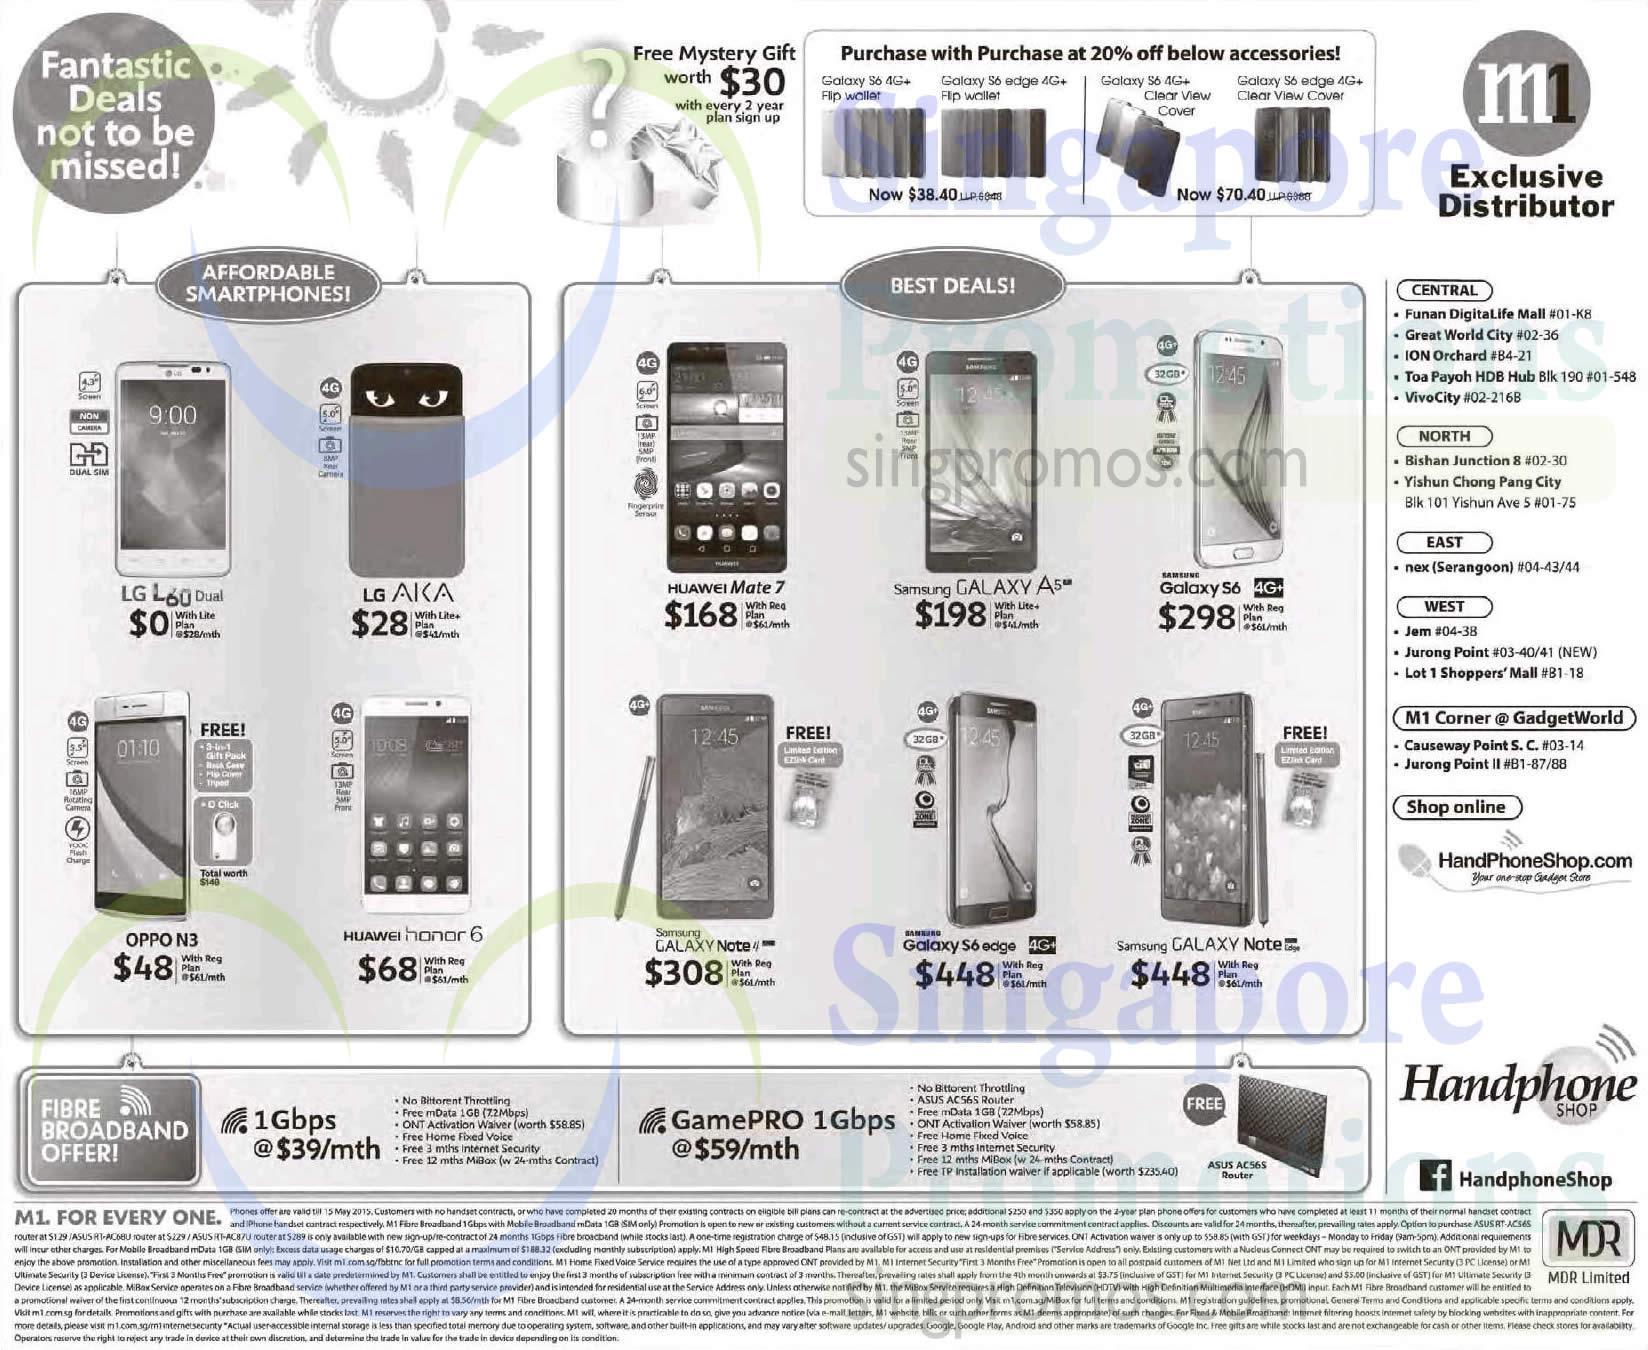 Handphone Shop LG L60 Dual AKA Oppo N3 Huawei Honor 6